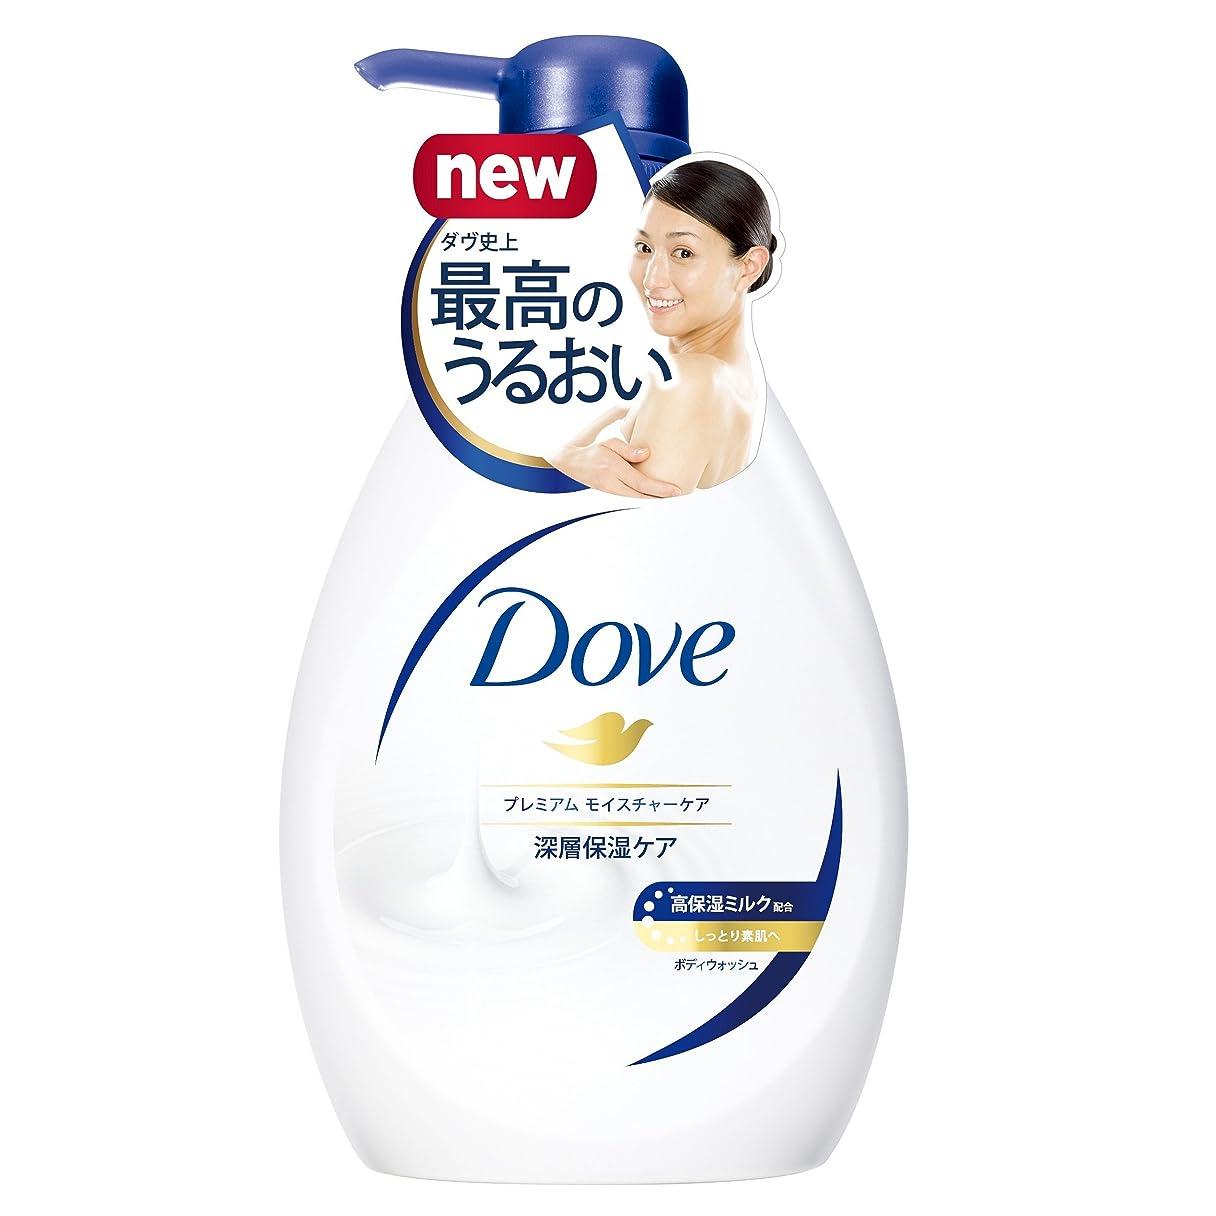 不合格レシピ変数Dove(ダヴ) ボディウォッシュ プレミアム モイスチャーケア ポンプ 500g